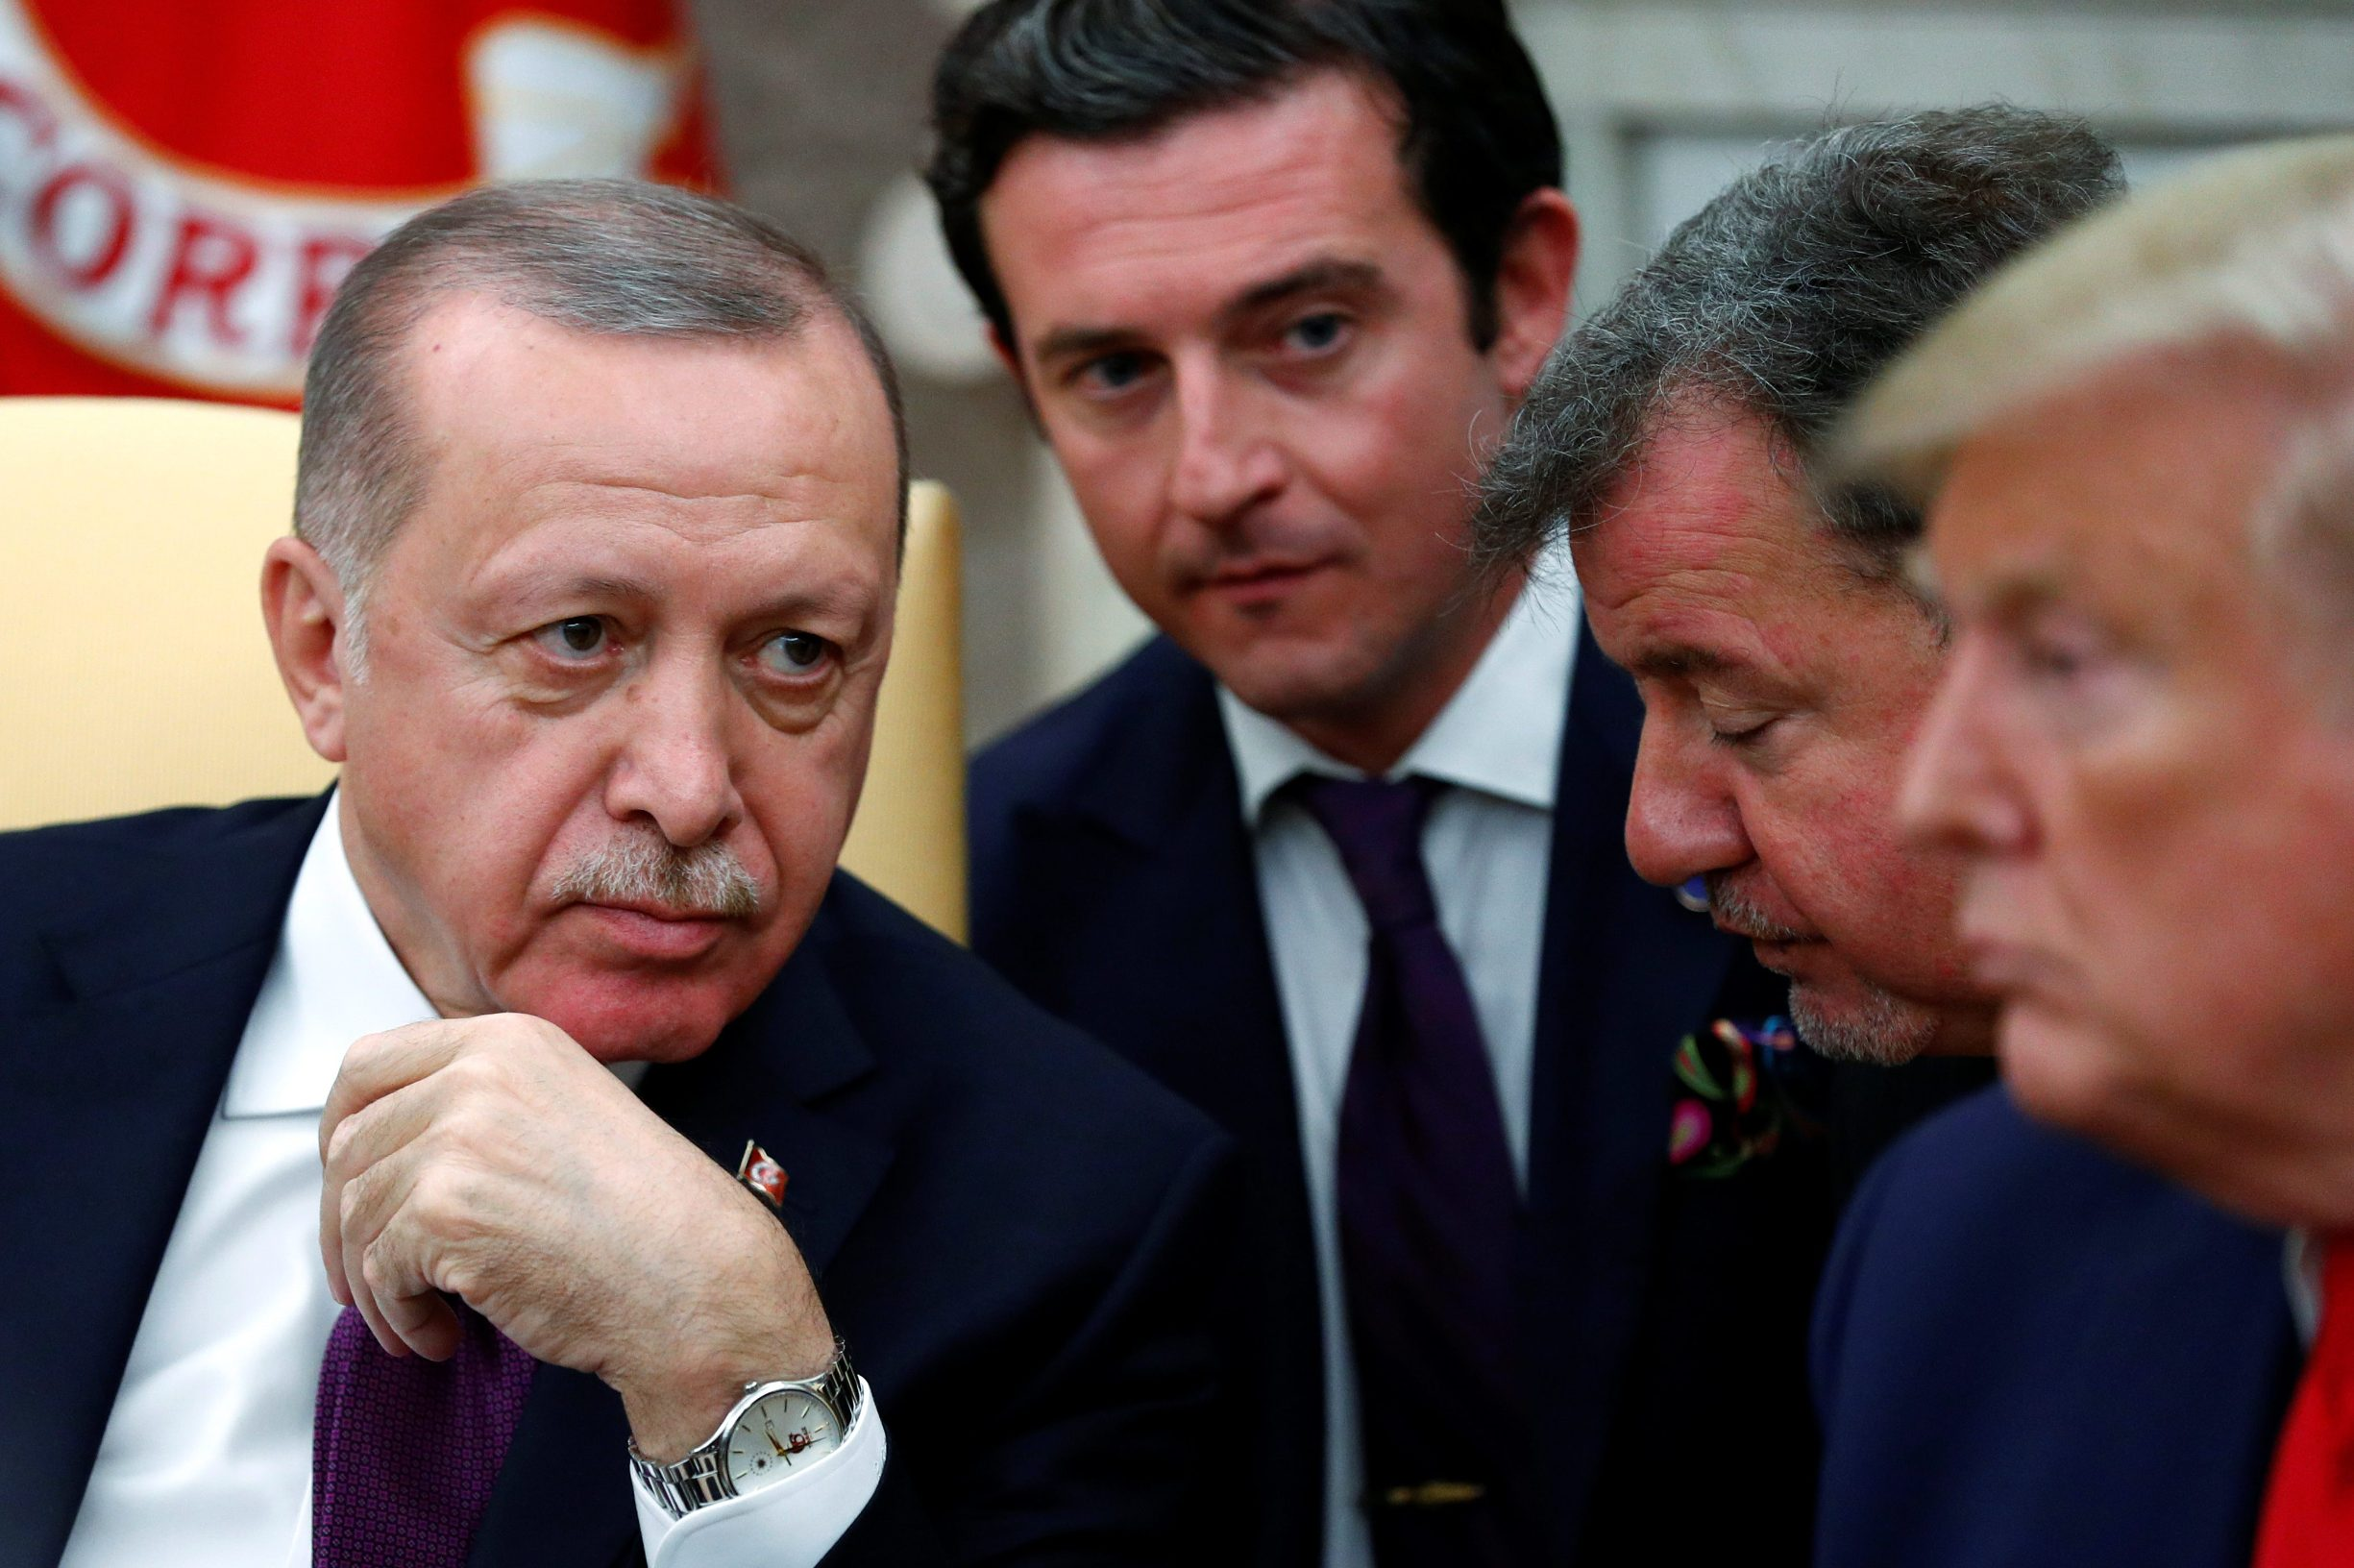 Recep Tayyip Erdogan i Donald Trump tijekom sastanka u Washingtonu